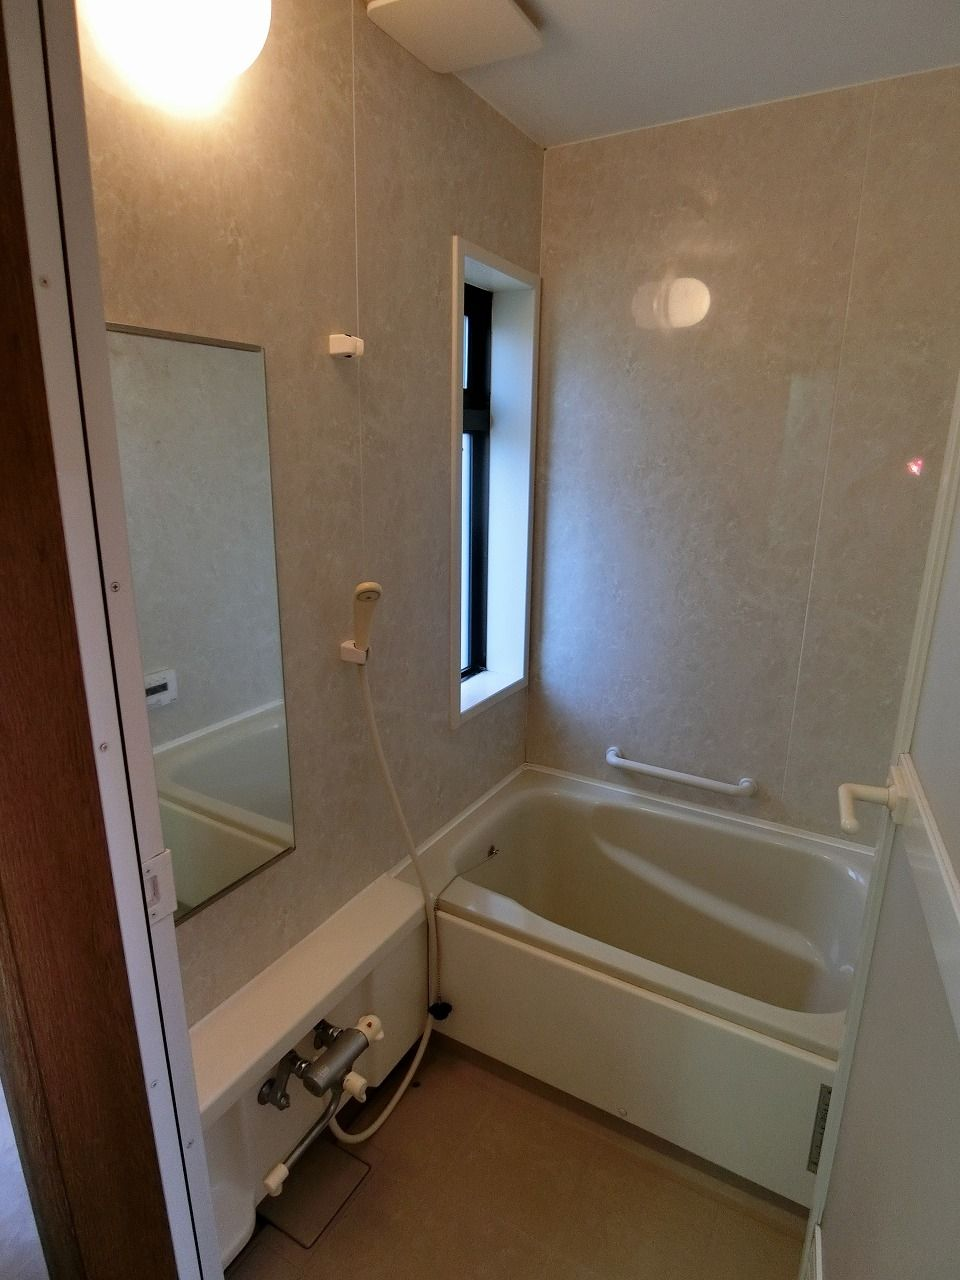 「パークテラスあざみ野」E棟の浴室の様子です。浴室に窓があります。